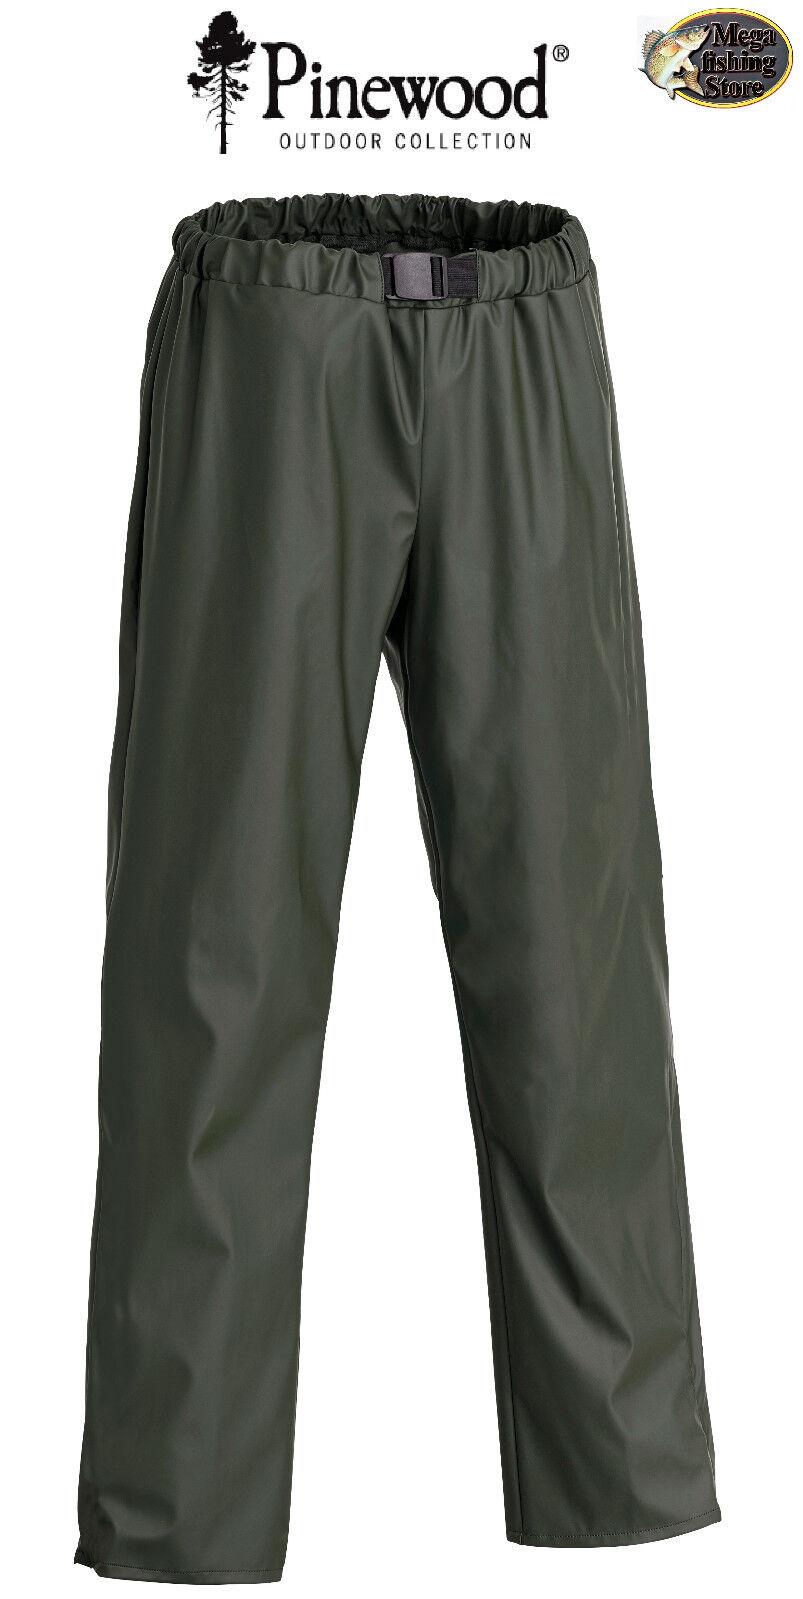 Pinewood 5002 Noss lluvia pantalones Al aire libre lluvia pantalones angel pantalones Al aire librehose